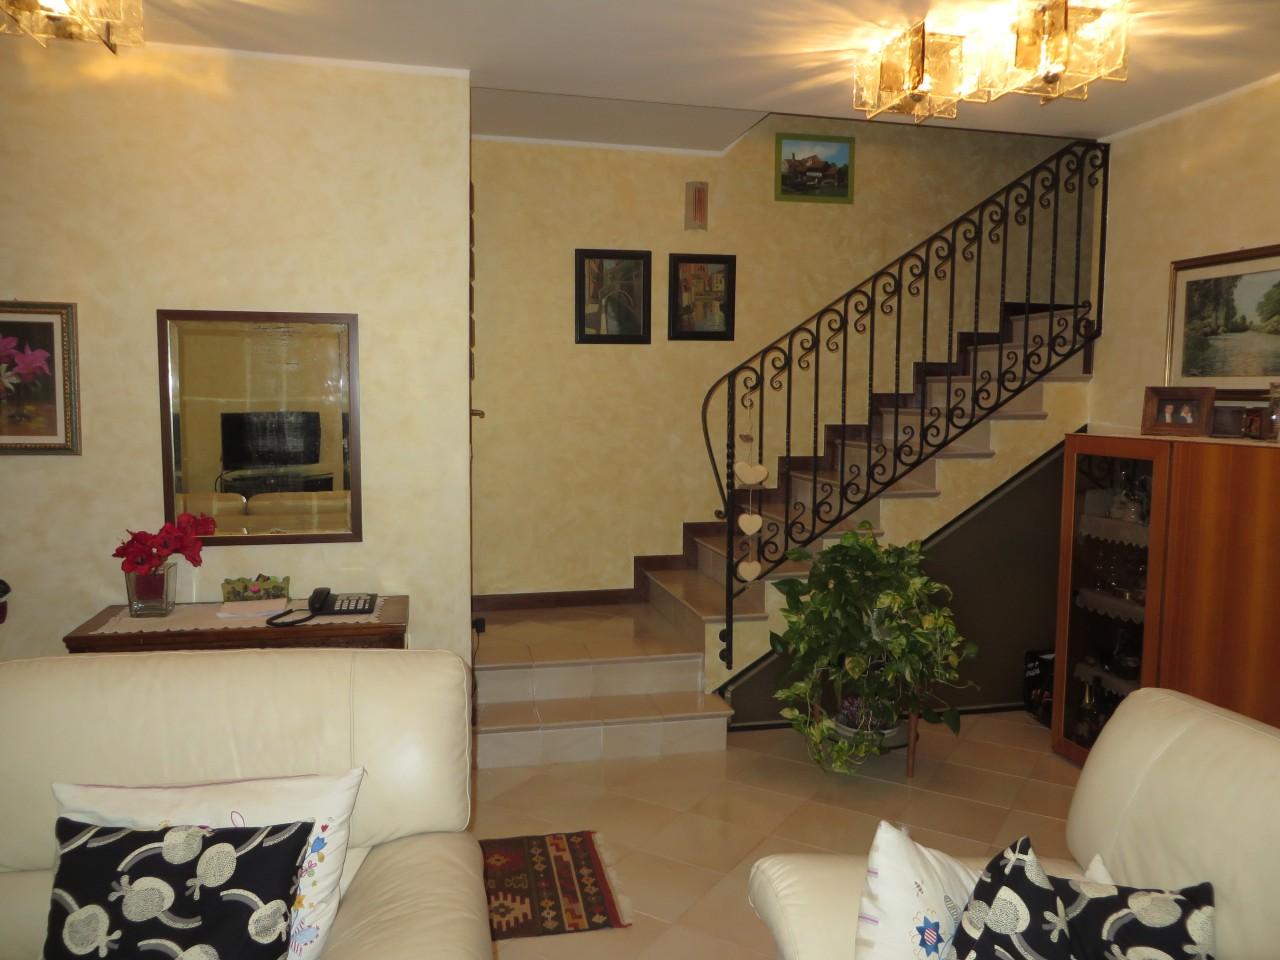 Terranegra in complesso residenziale composto da for Disegni di interni